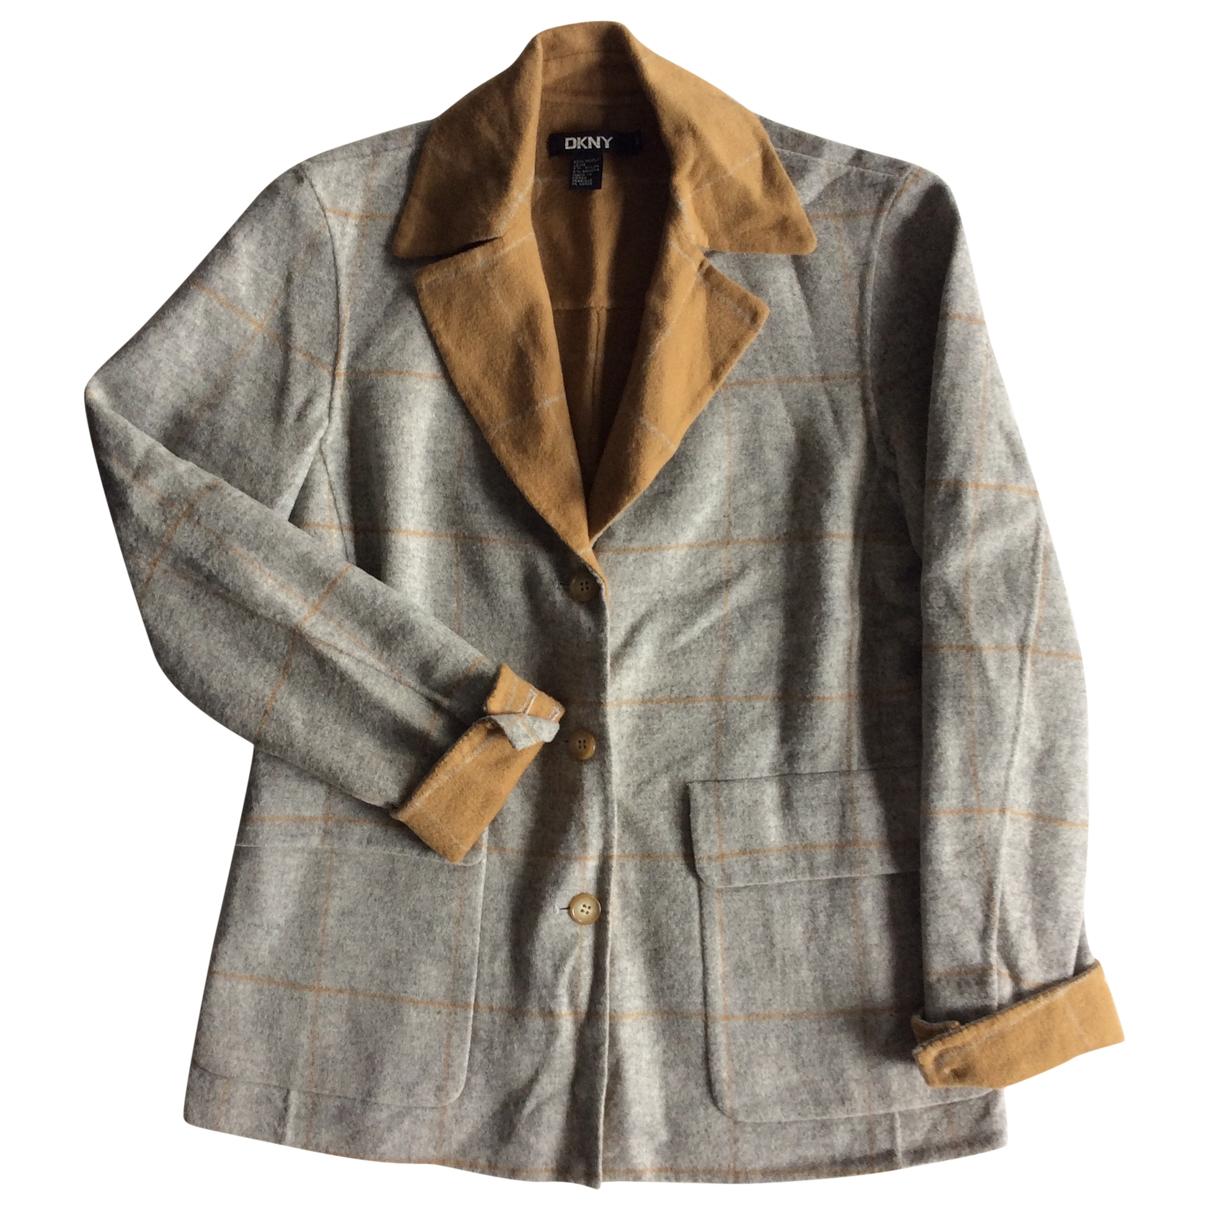 Dkny - Veste   pour femme en laine - gris